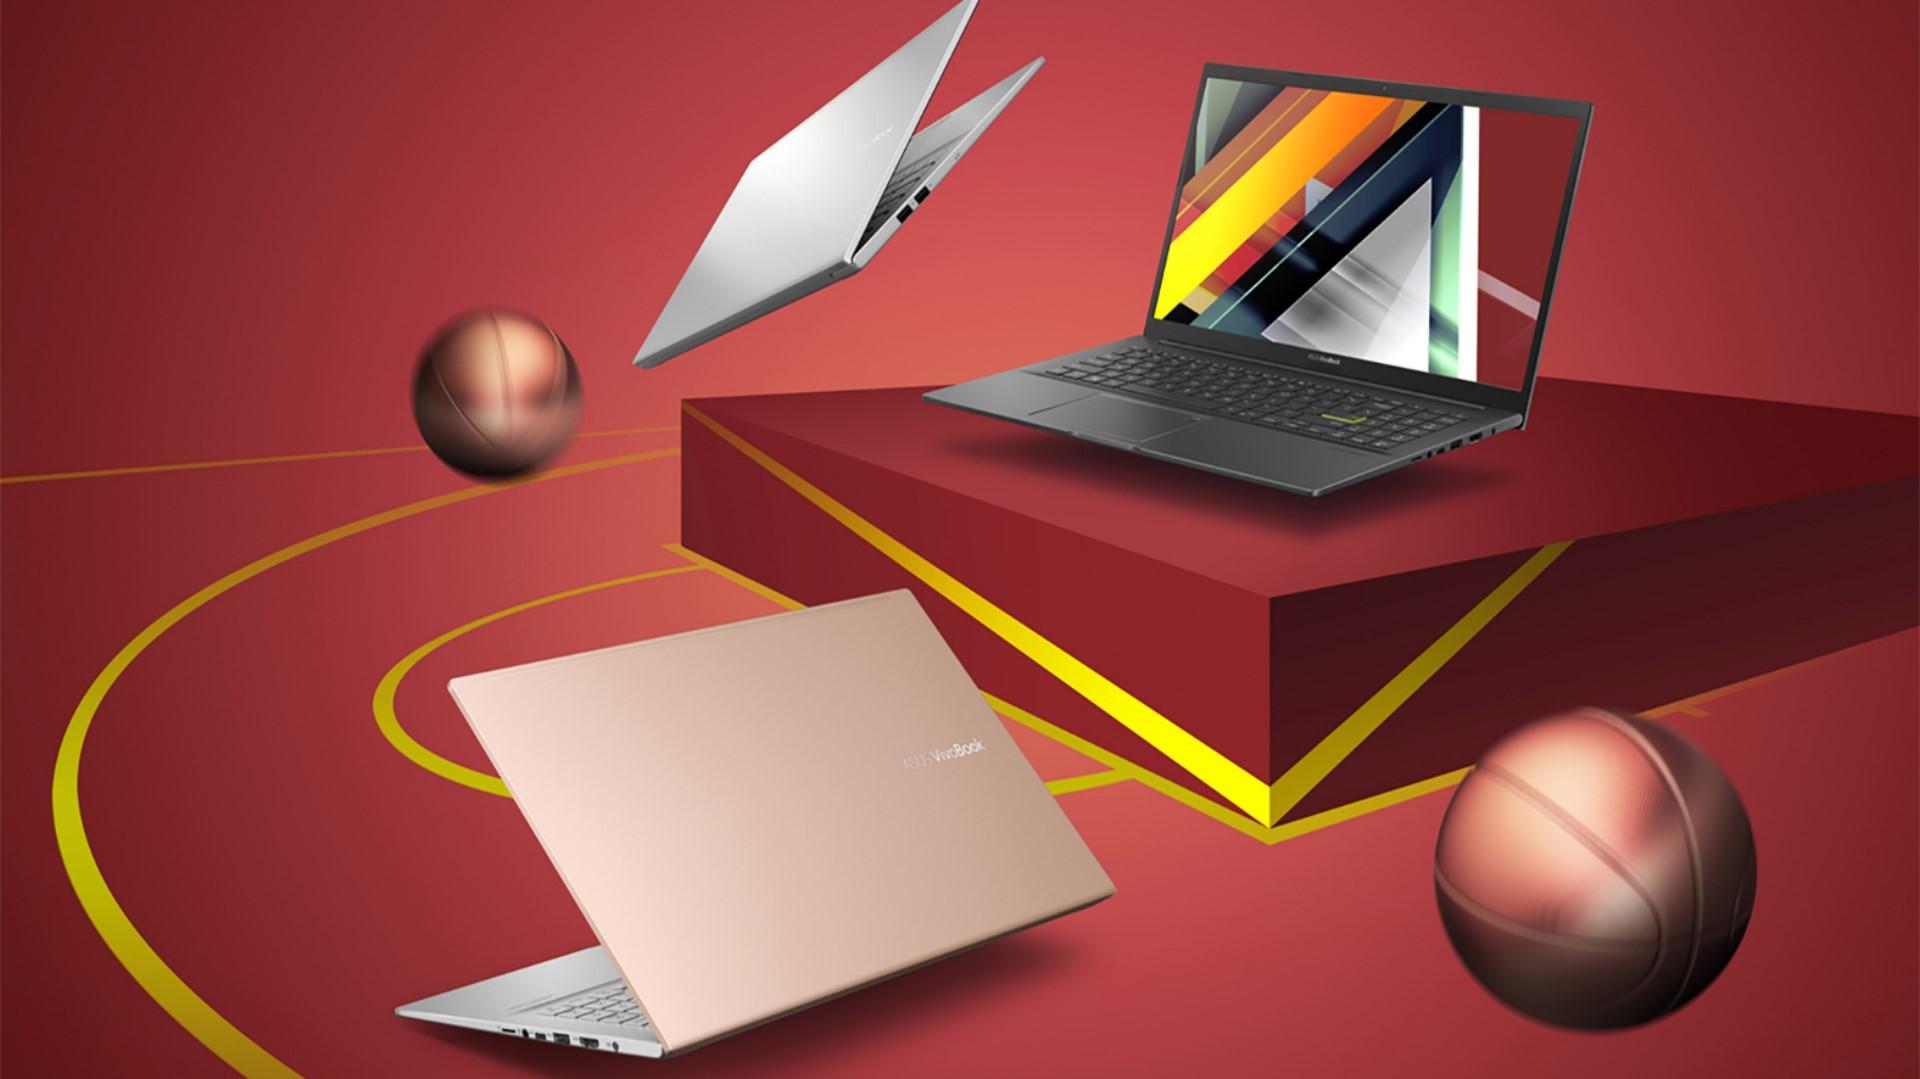 ASUS presenta las nuevas VivoBook 14 y 15 con procesadores AMD - Canal TI